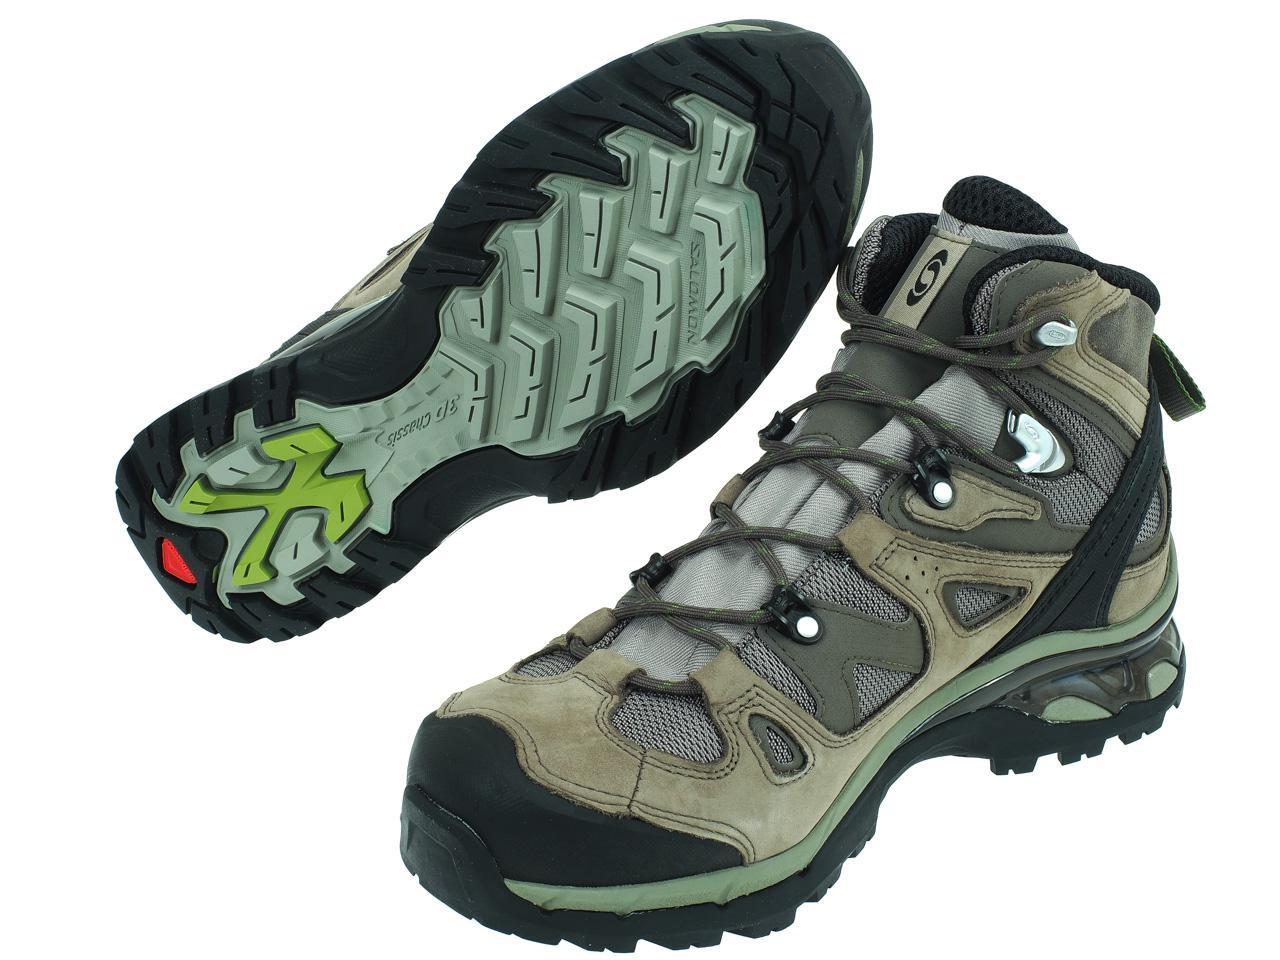 Chaussures-marche-randonnees-Salomon-Comet-3d-gtx-anth-Gris-78795-Neuf